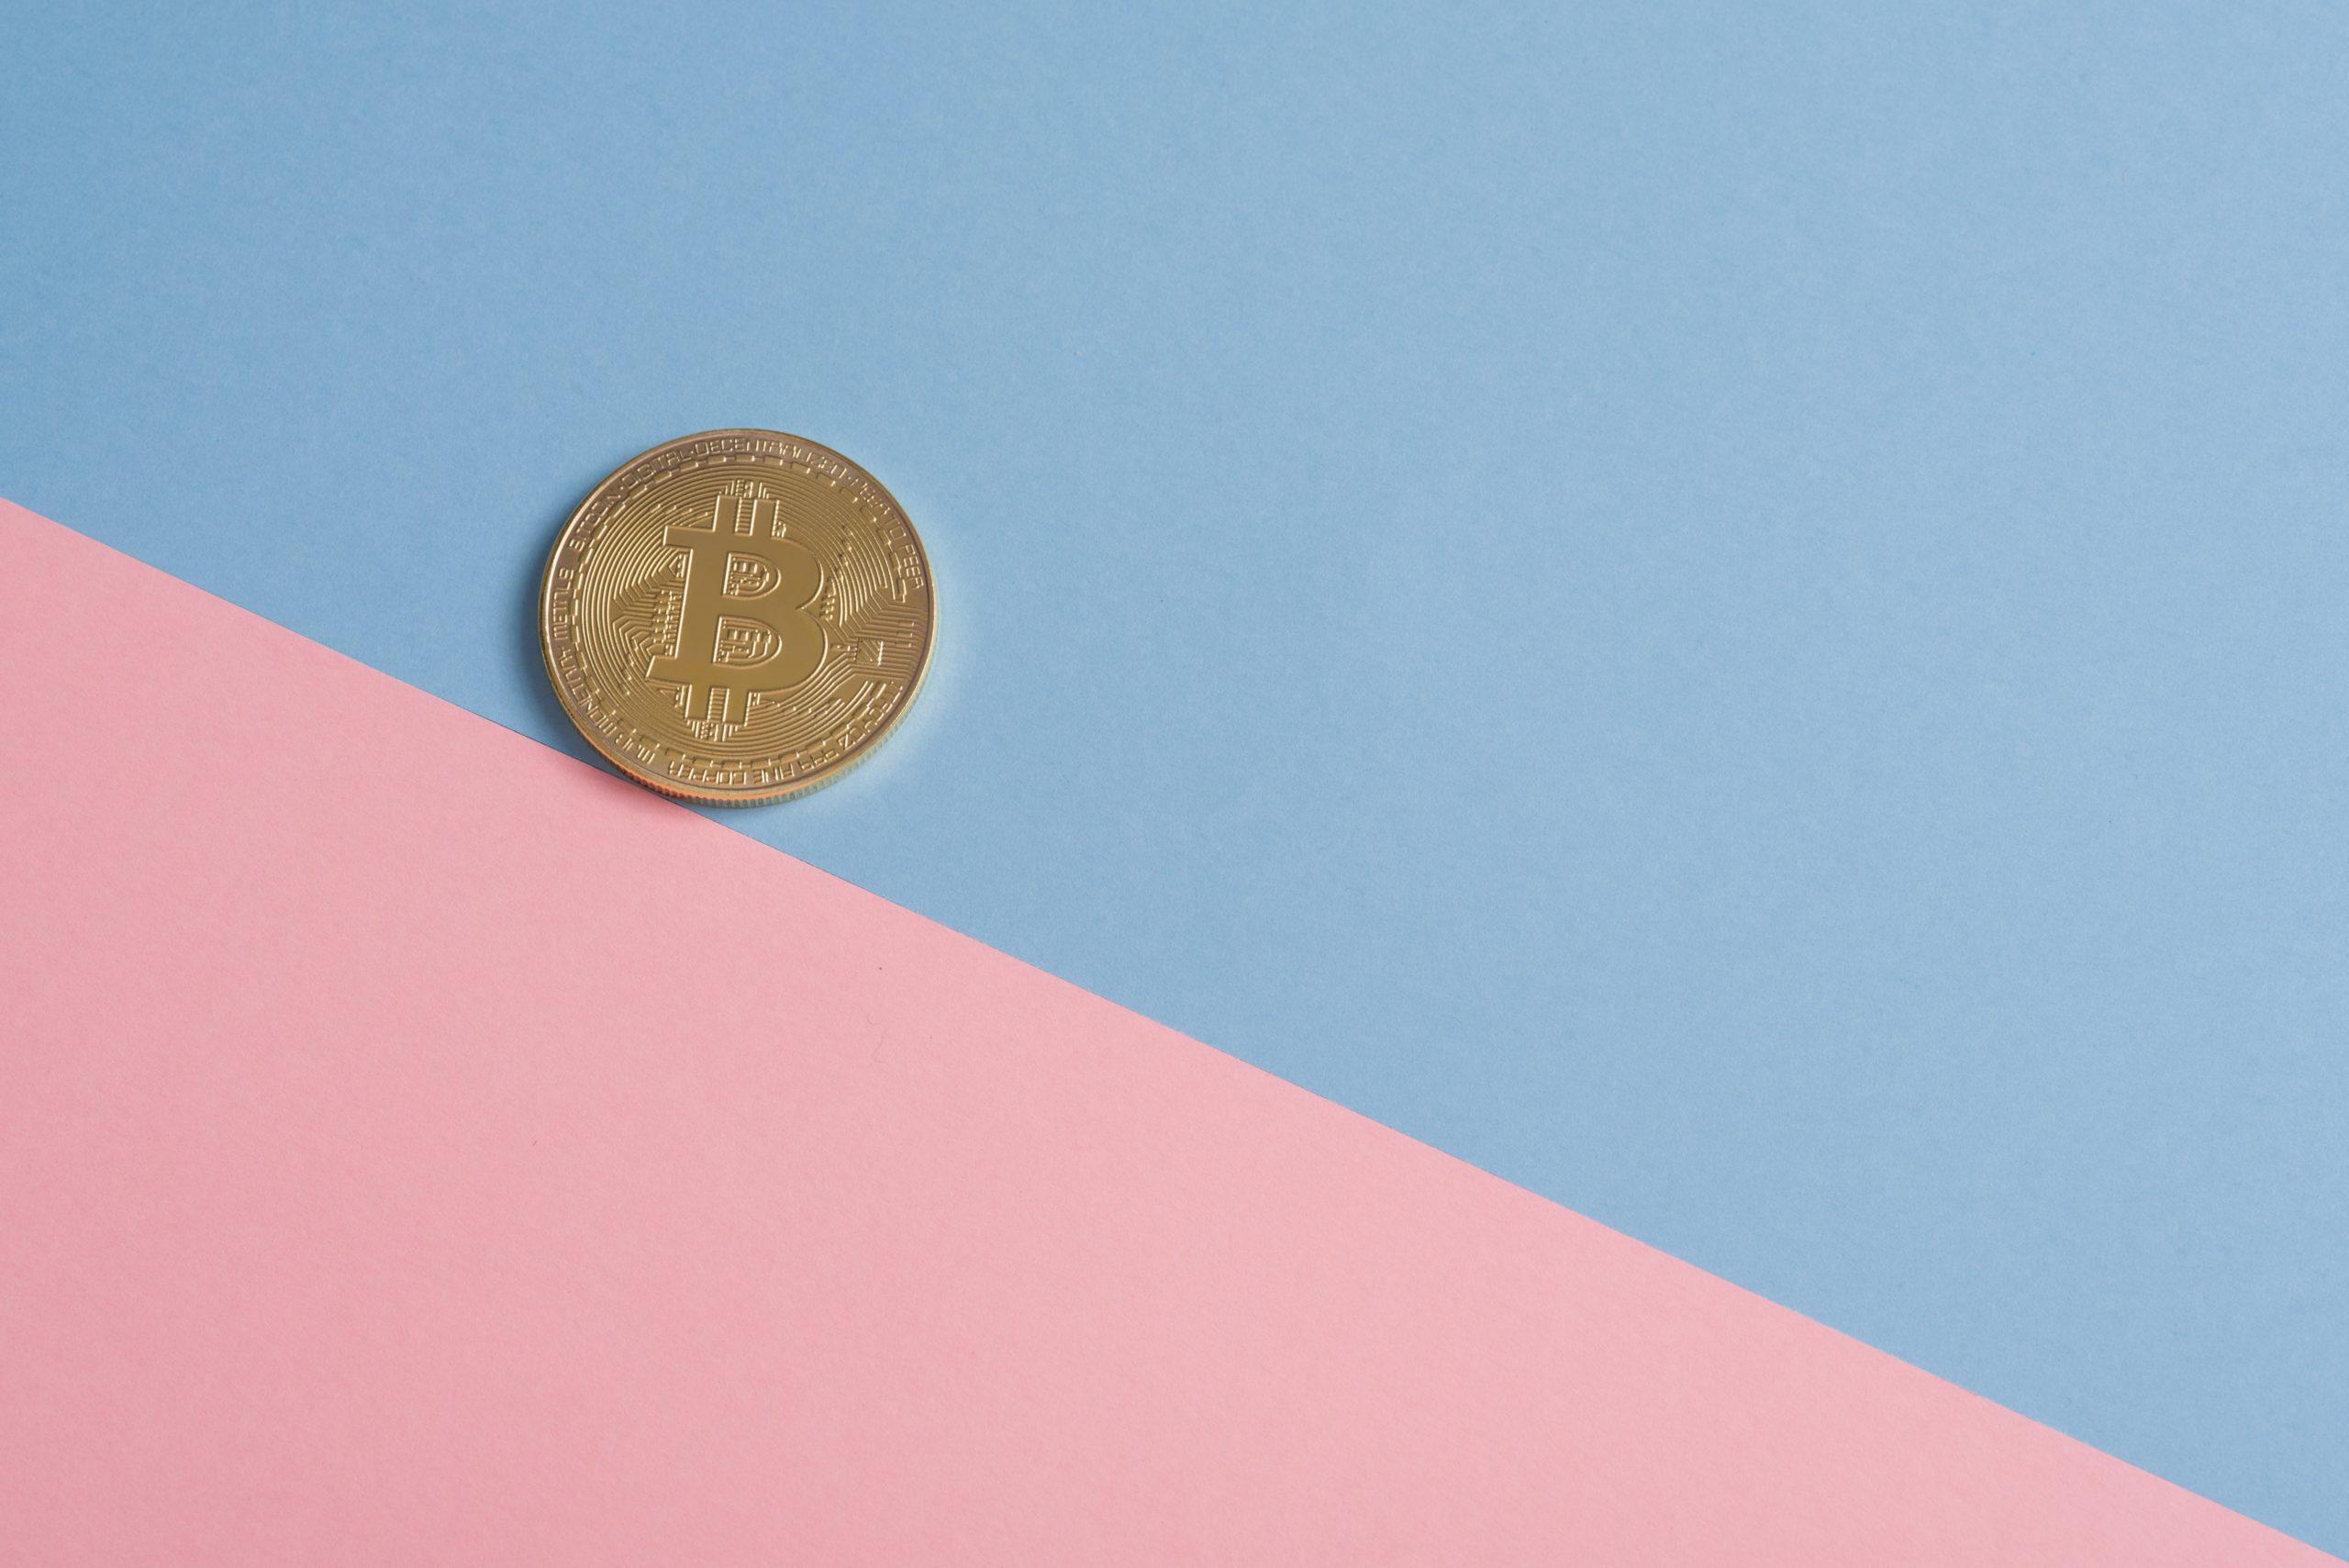 コインチェックがCM?!ビットコインは上昇するのか